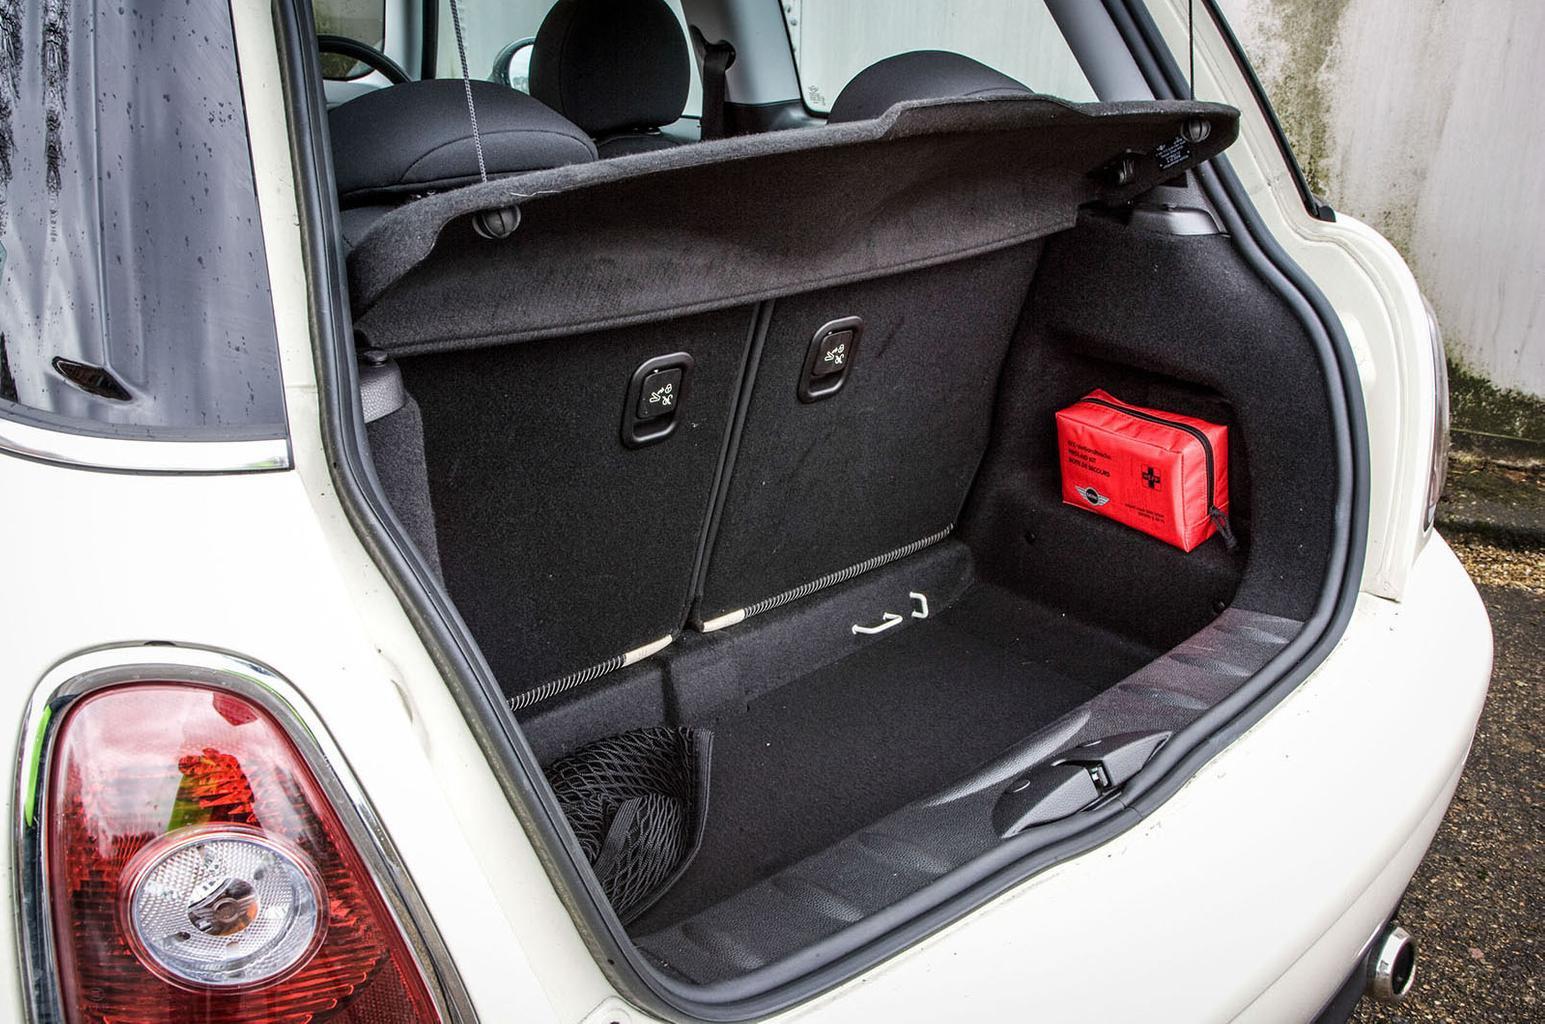 Used Mini Hatchback 2007-2014